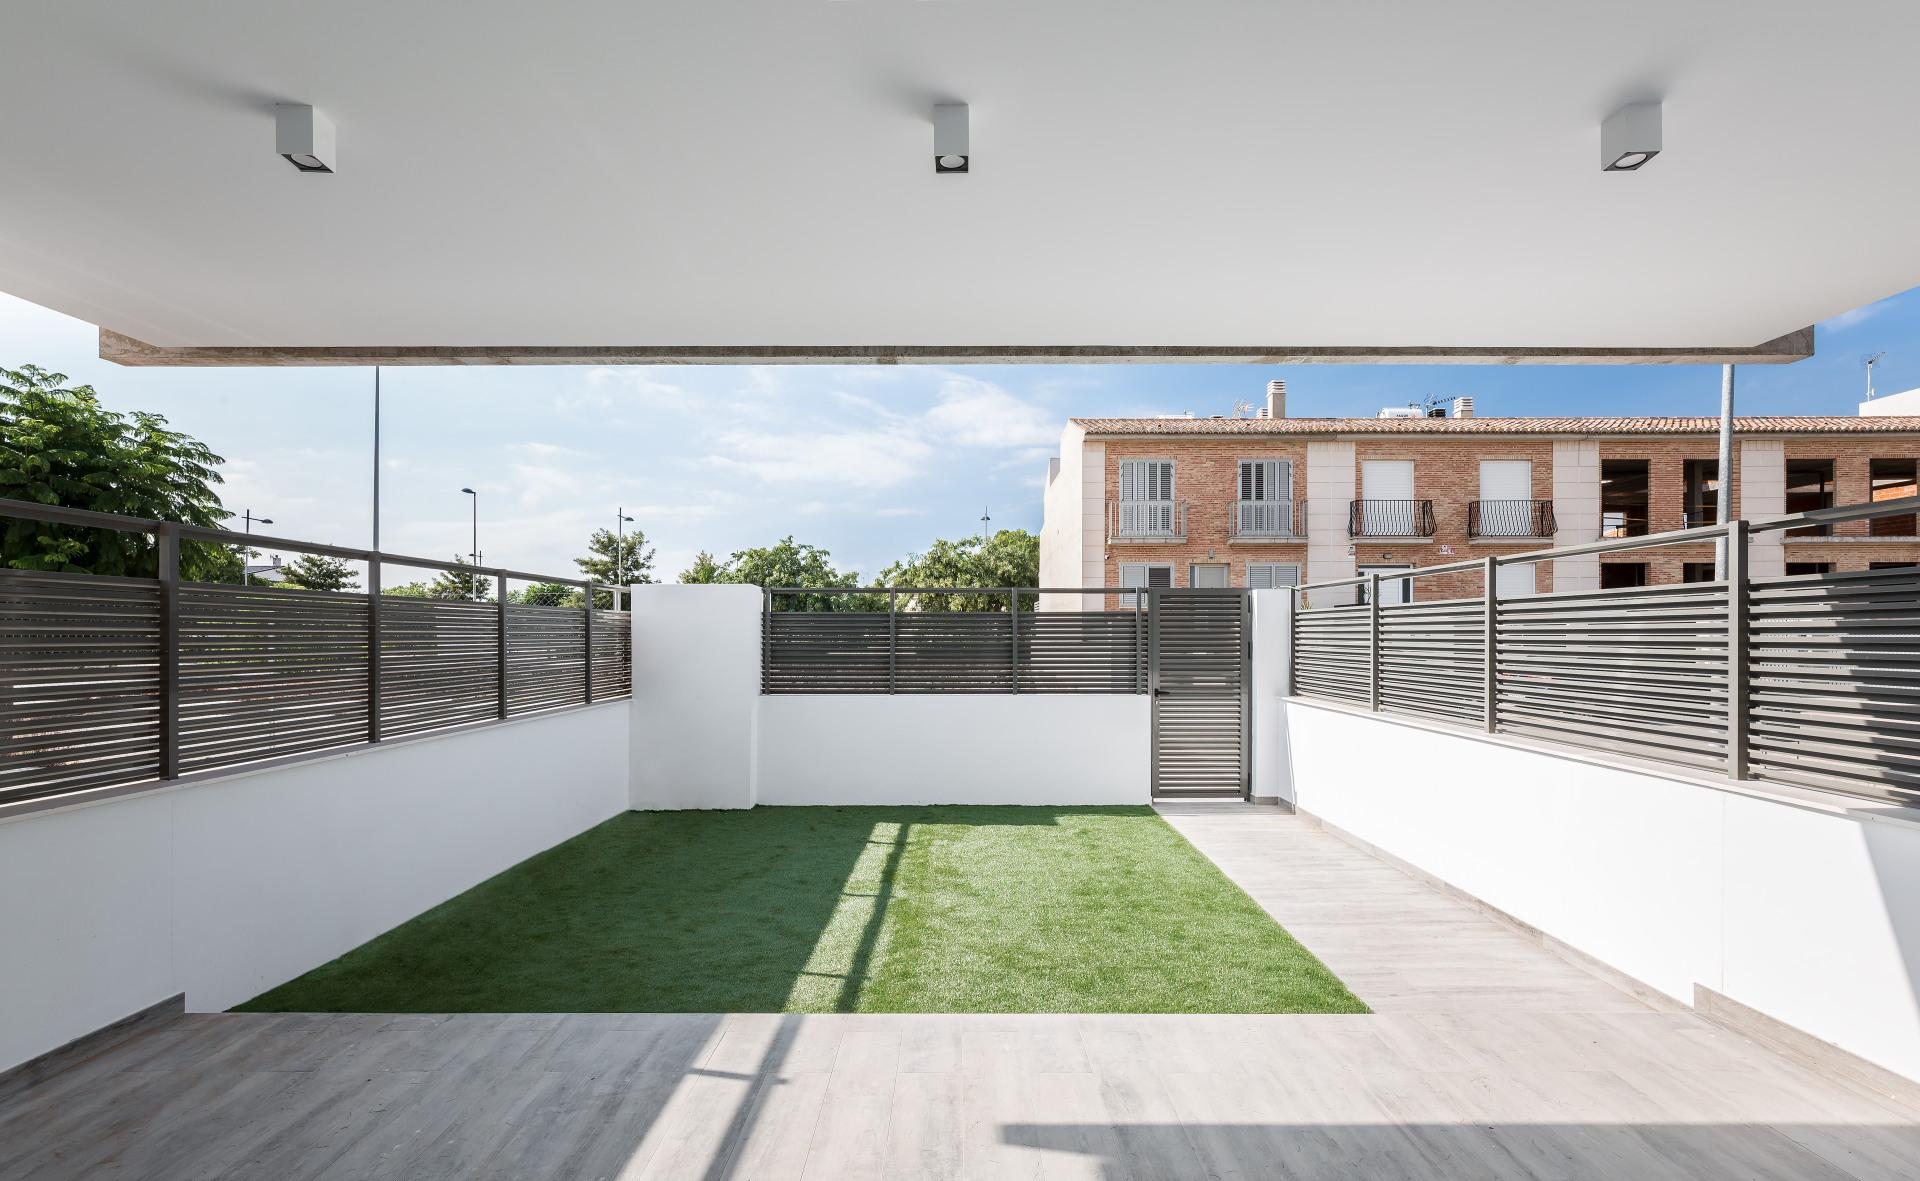 fotografia-arquitectura-valencia-puig-german-cabo-viraje-v15 (5)